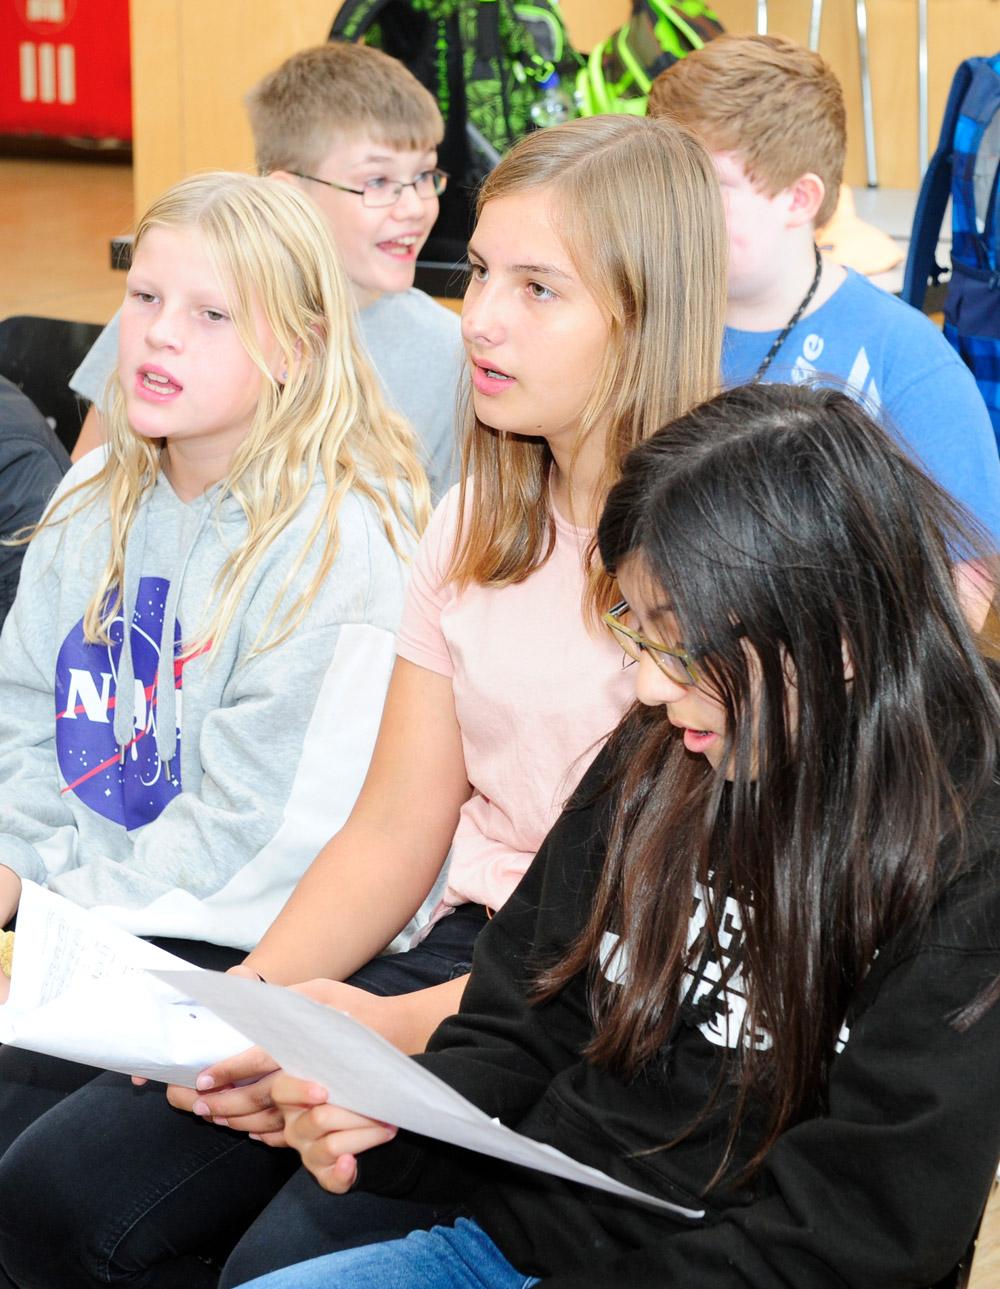 Schüler und Schülerinnen singen um Musikunterricht